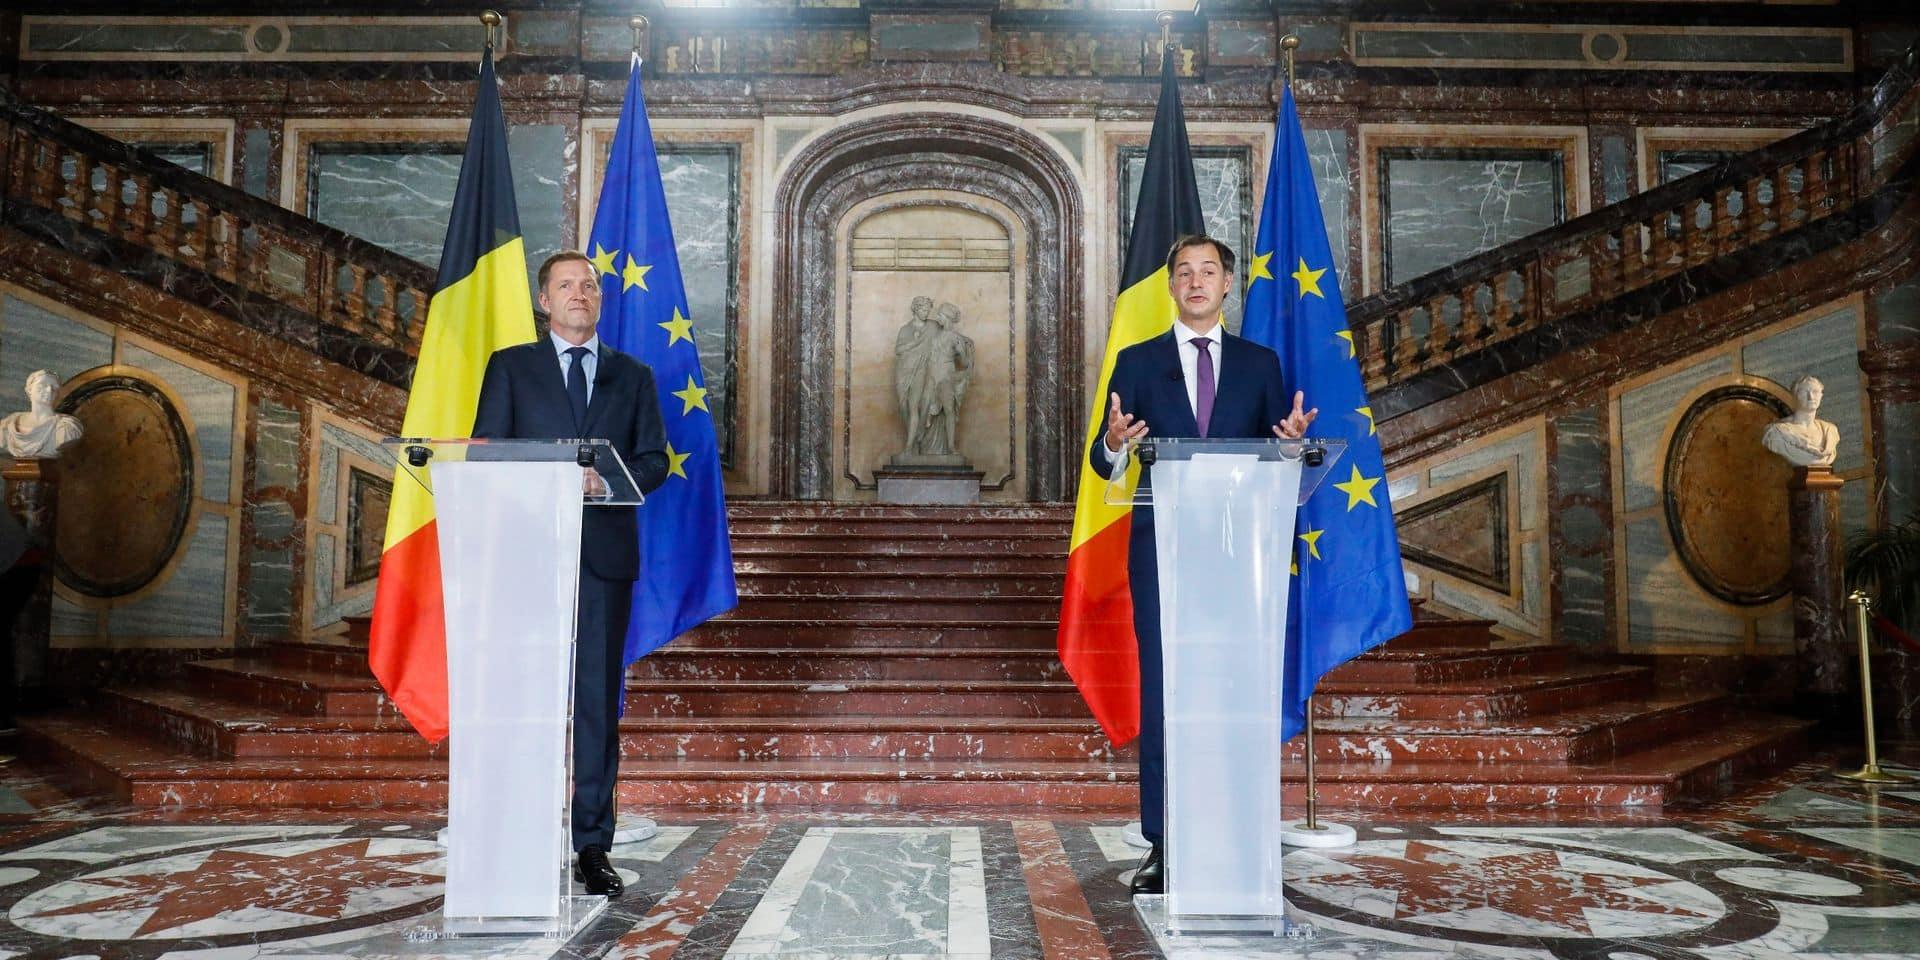 """""""La dernière farce fédérale belge conduira-t-elle à la séparation du pays?"""": l'accord de gouvernement belge vu de l'étranger"""